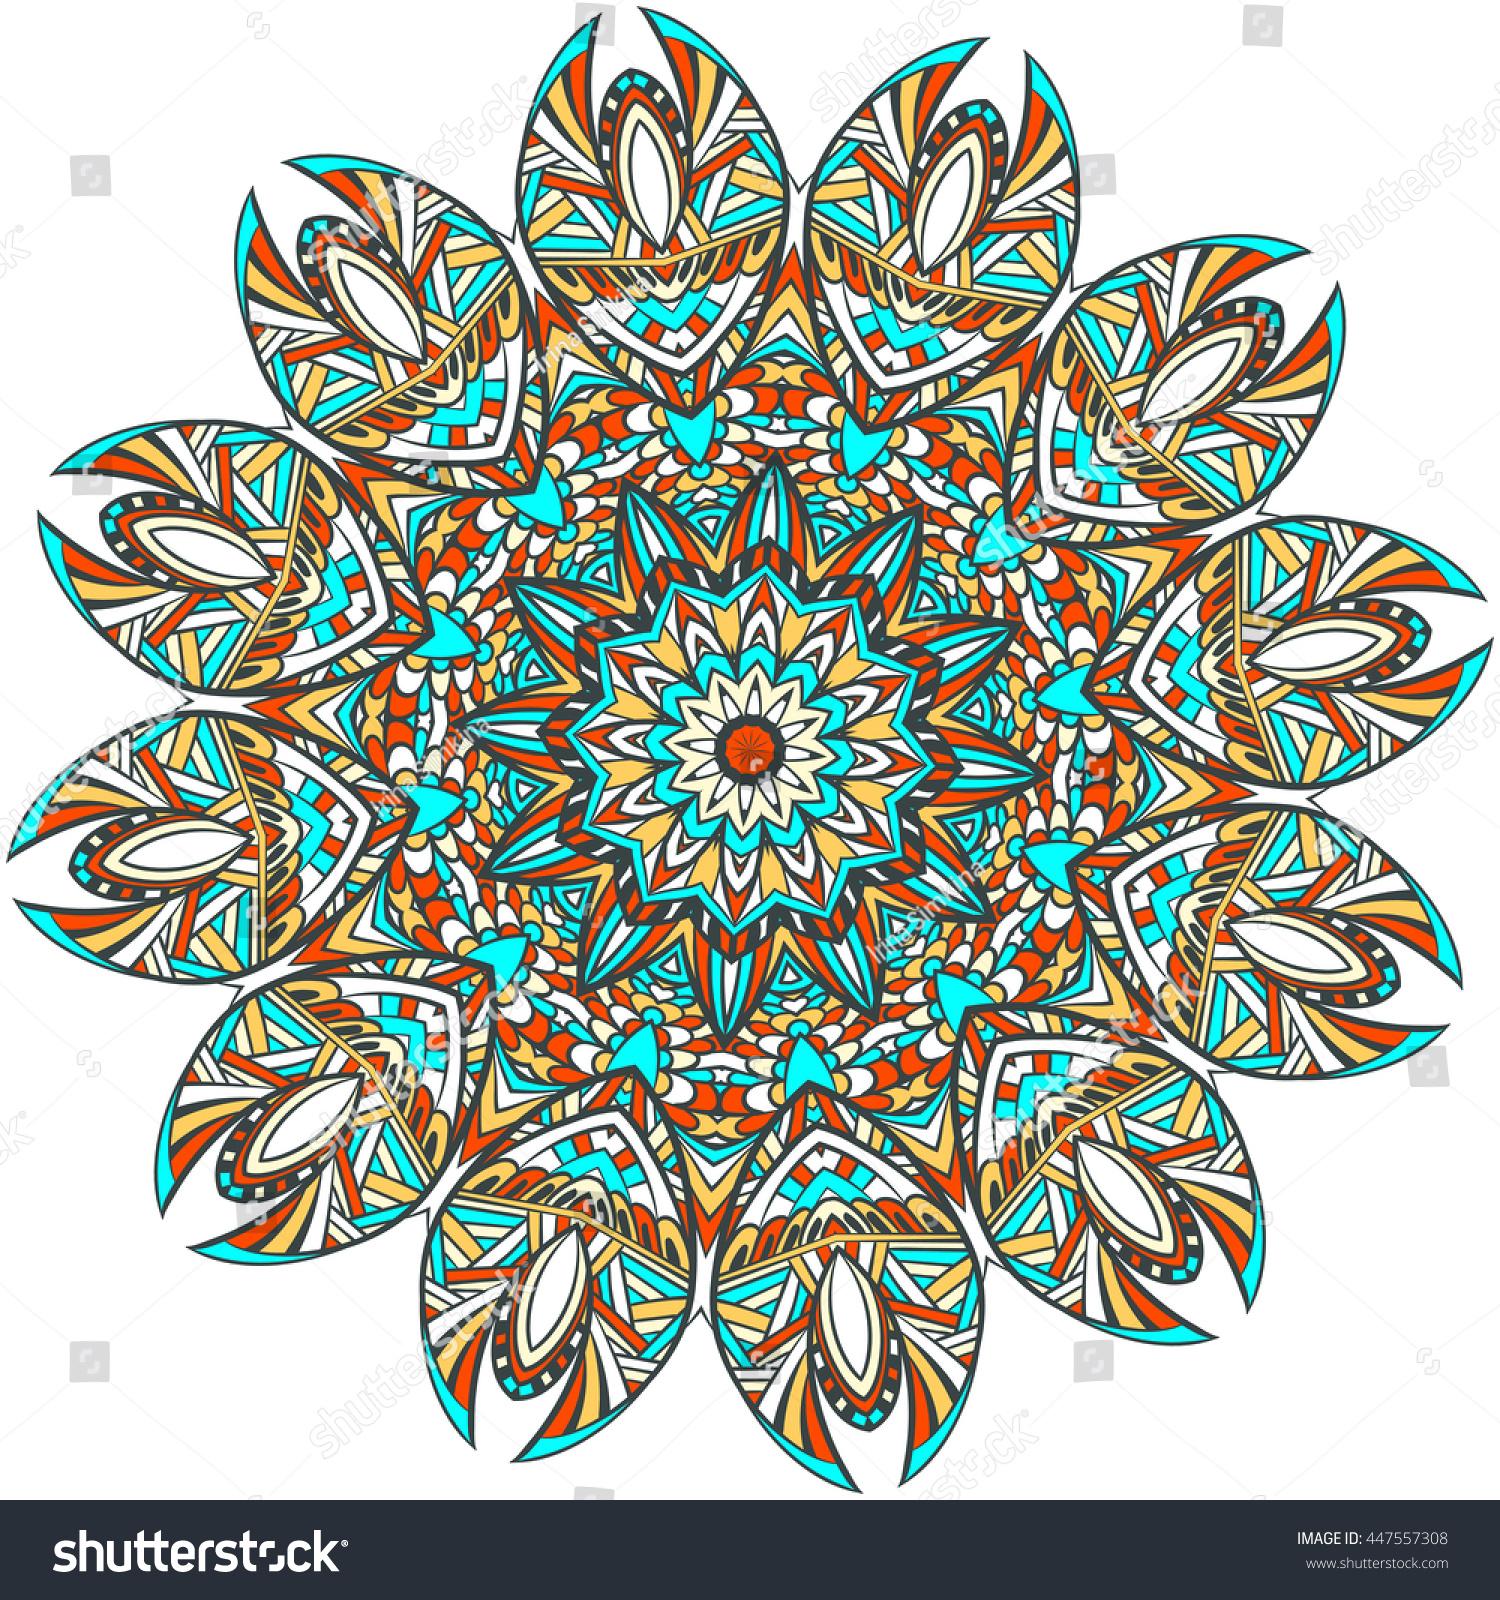 Großartig Irische Mandala Malvorlagen Bilder ...